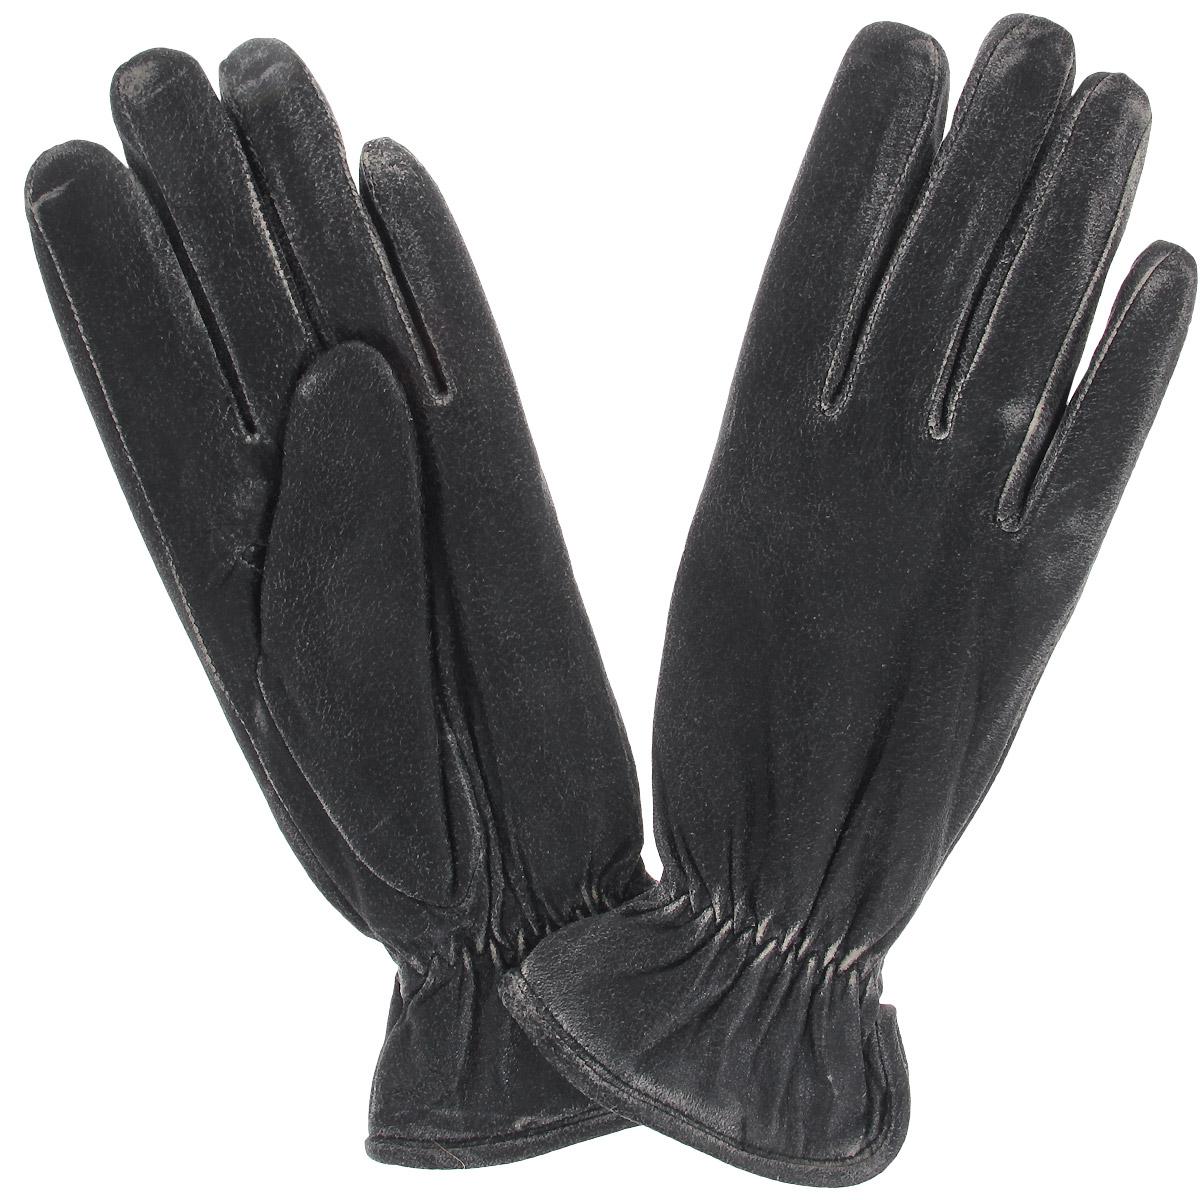 Перчатки женские Dali Exclusive, цвет: серый. VIALE/MEL. Размер 6,5VIALE/MELСтильные женские перчатки Dali Exclusive с подкладкой из флиса выполнены из мягкой и приятной на ощупь натуральной кожи ягненка.Манжеты собраны на резинку для наилучшего прилегания к запястью. Такие перчатки подчеркнут ваш стиль и неповторимость и придадут всему образу нотки женственности и элегантности.